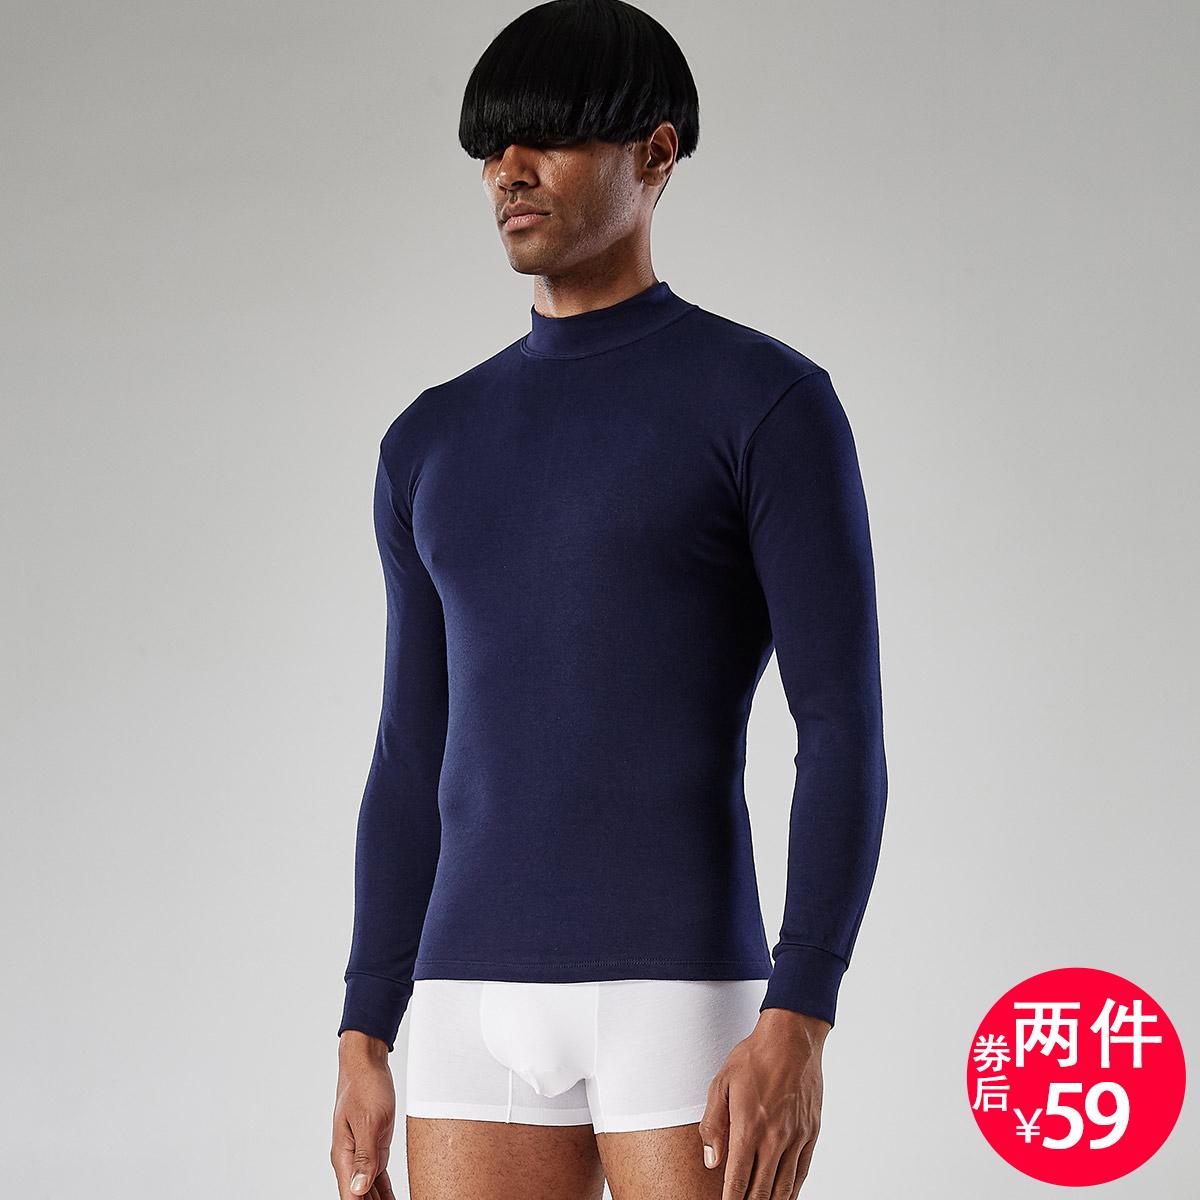 男士内衣上衣秋衣纯棉薄款低领中领打底单件棉毛衫全棉中老年保暖